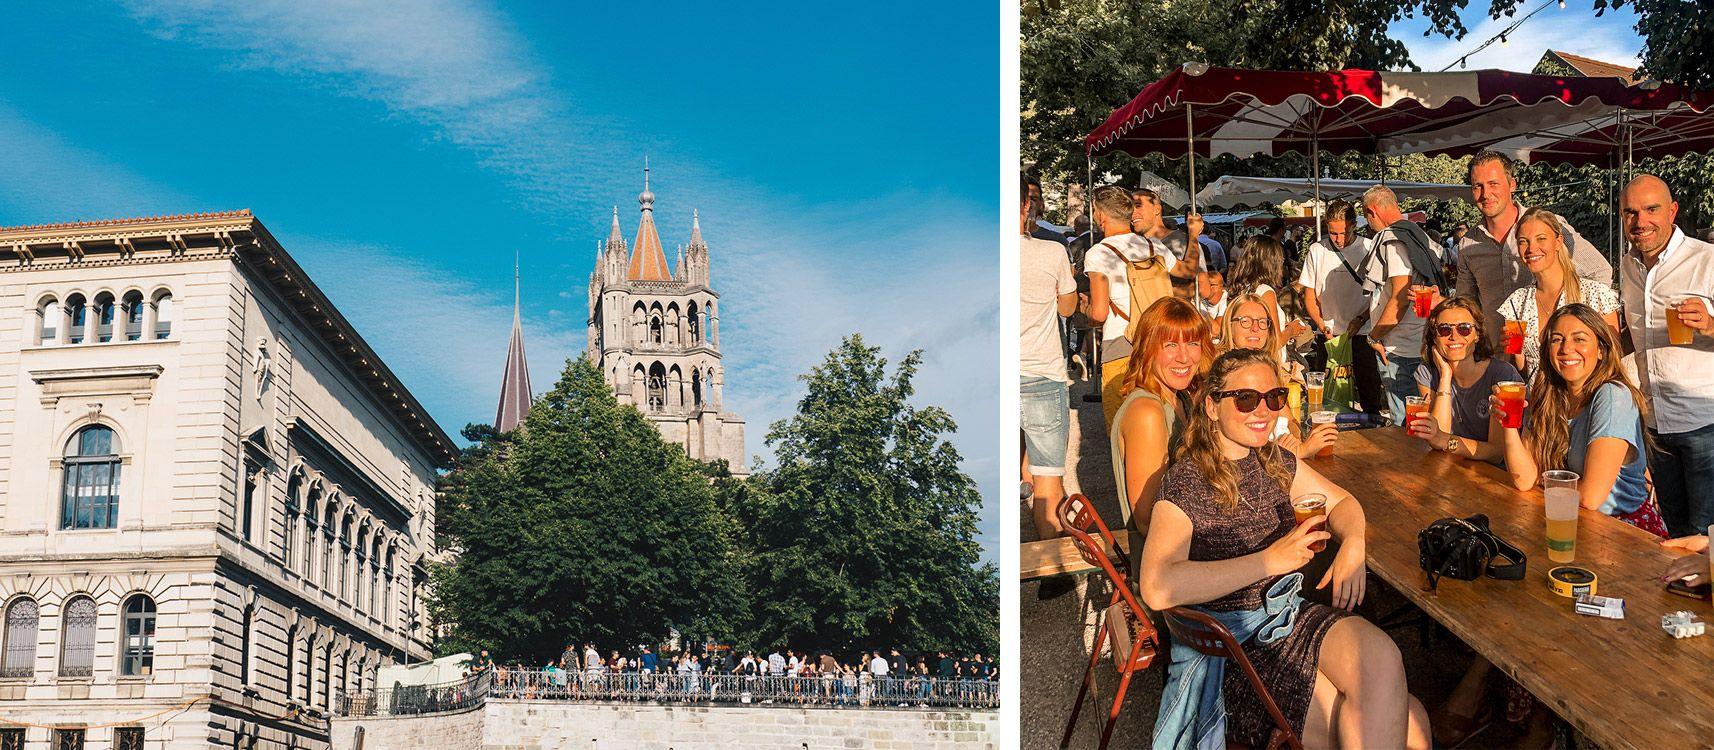 Suisse | Lausanne | Centre-ville | Mademoiselle-voyage | conseils